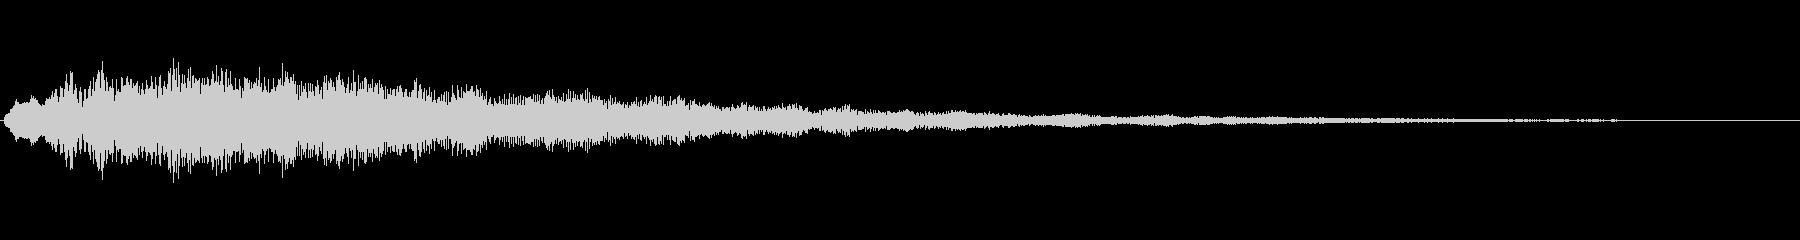 キラーーーン #53の未再生の波形